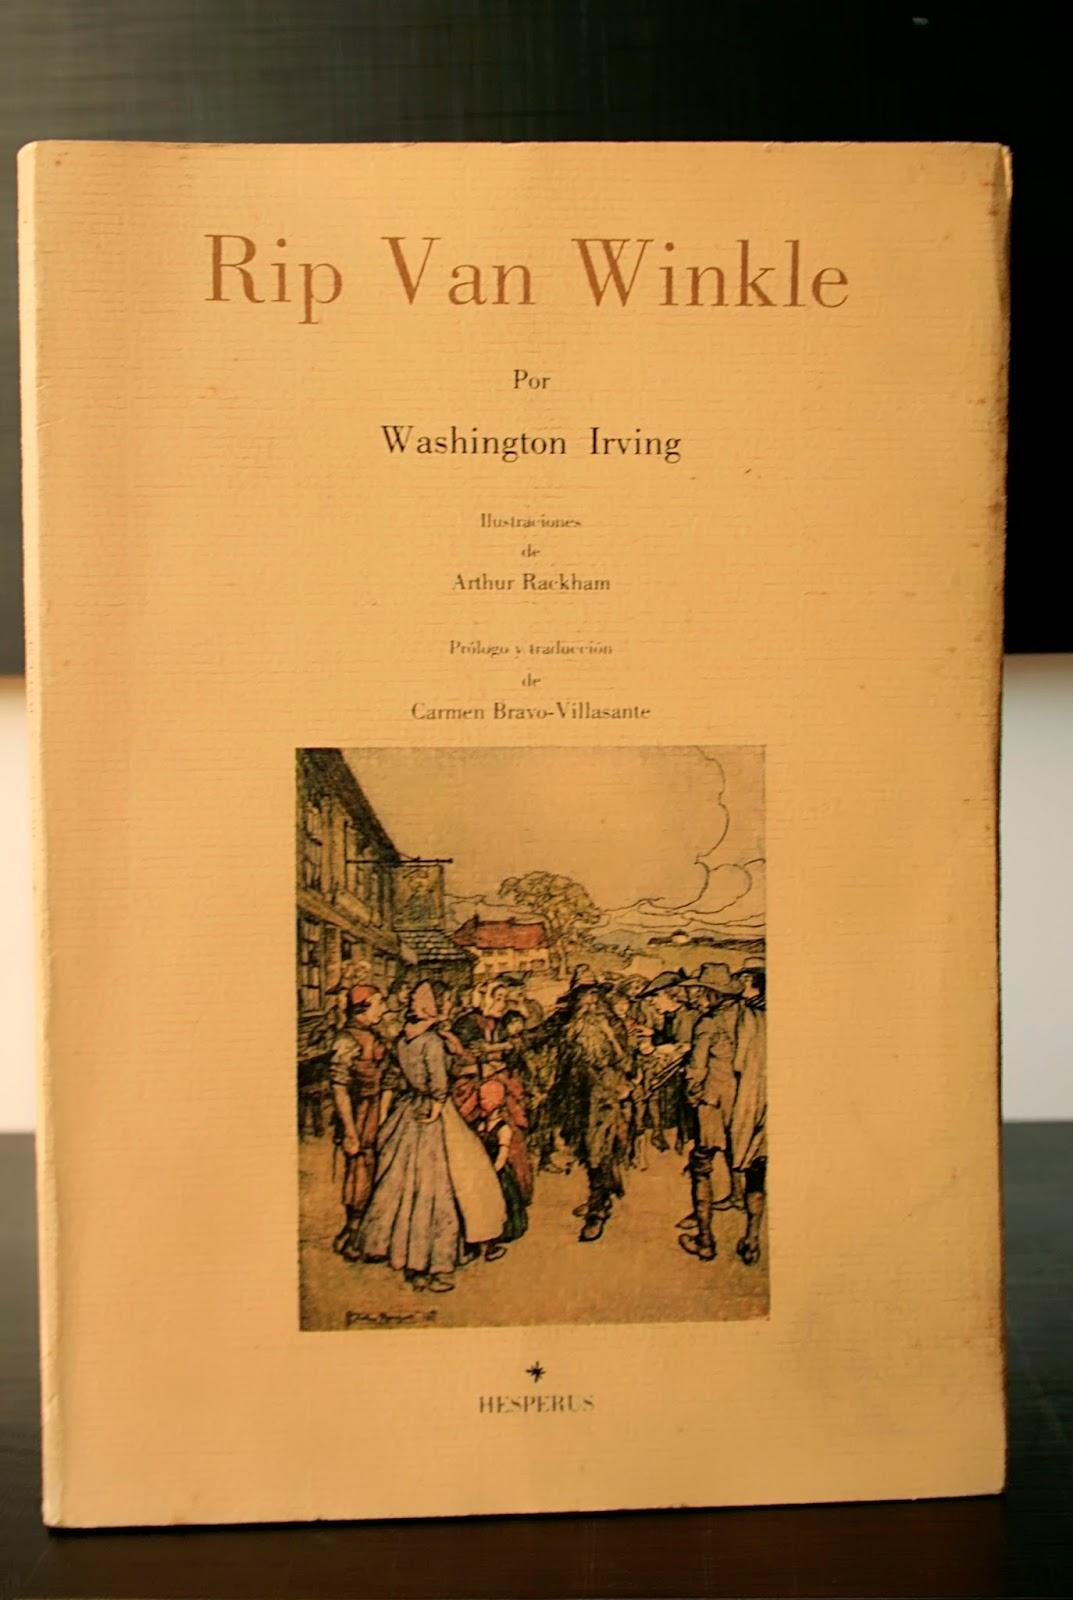 washington irving rip van winkle essays